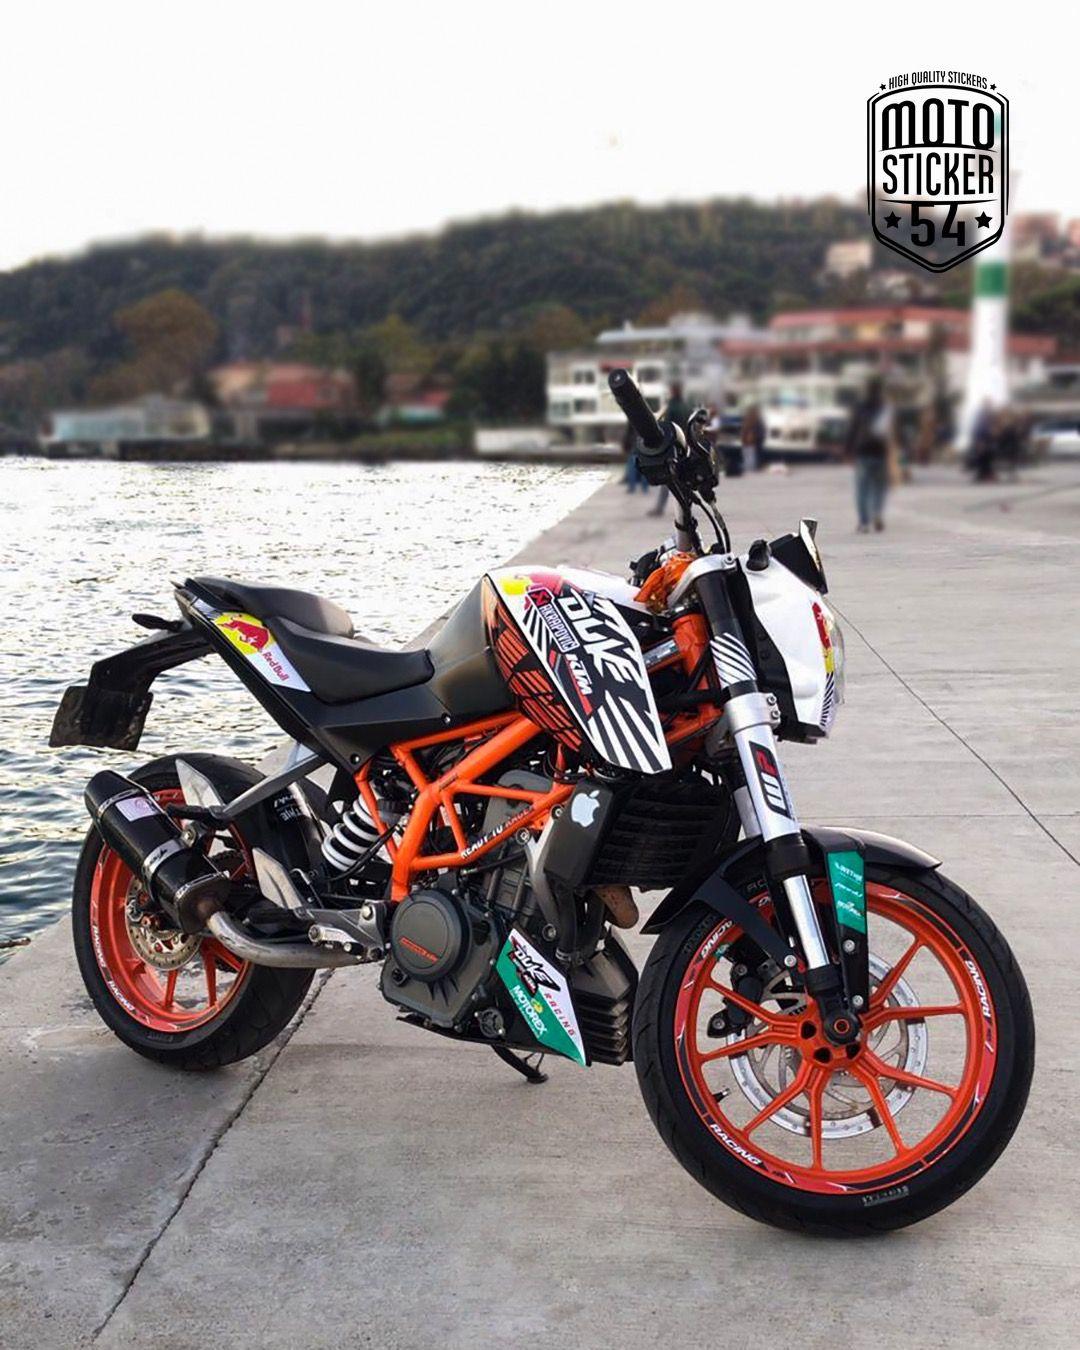 Ktm duke 200 special design redbull sticker kit motosticker54 motorcycle ktm duke sticker wrap